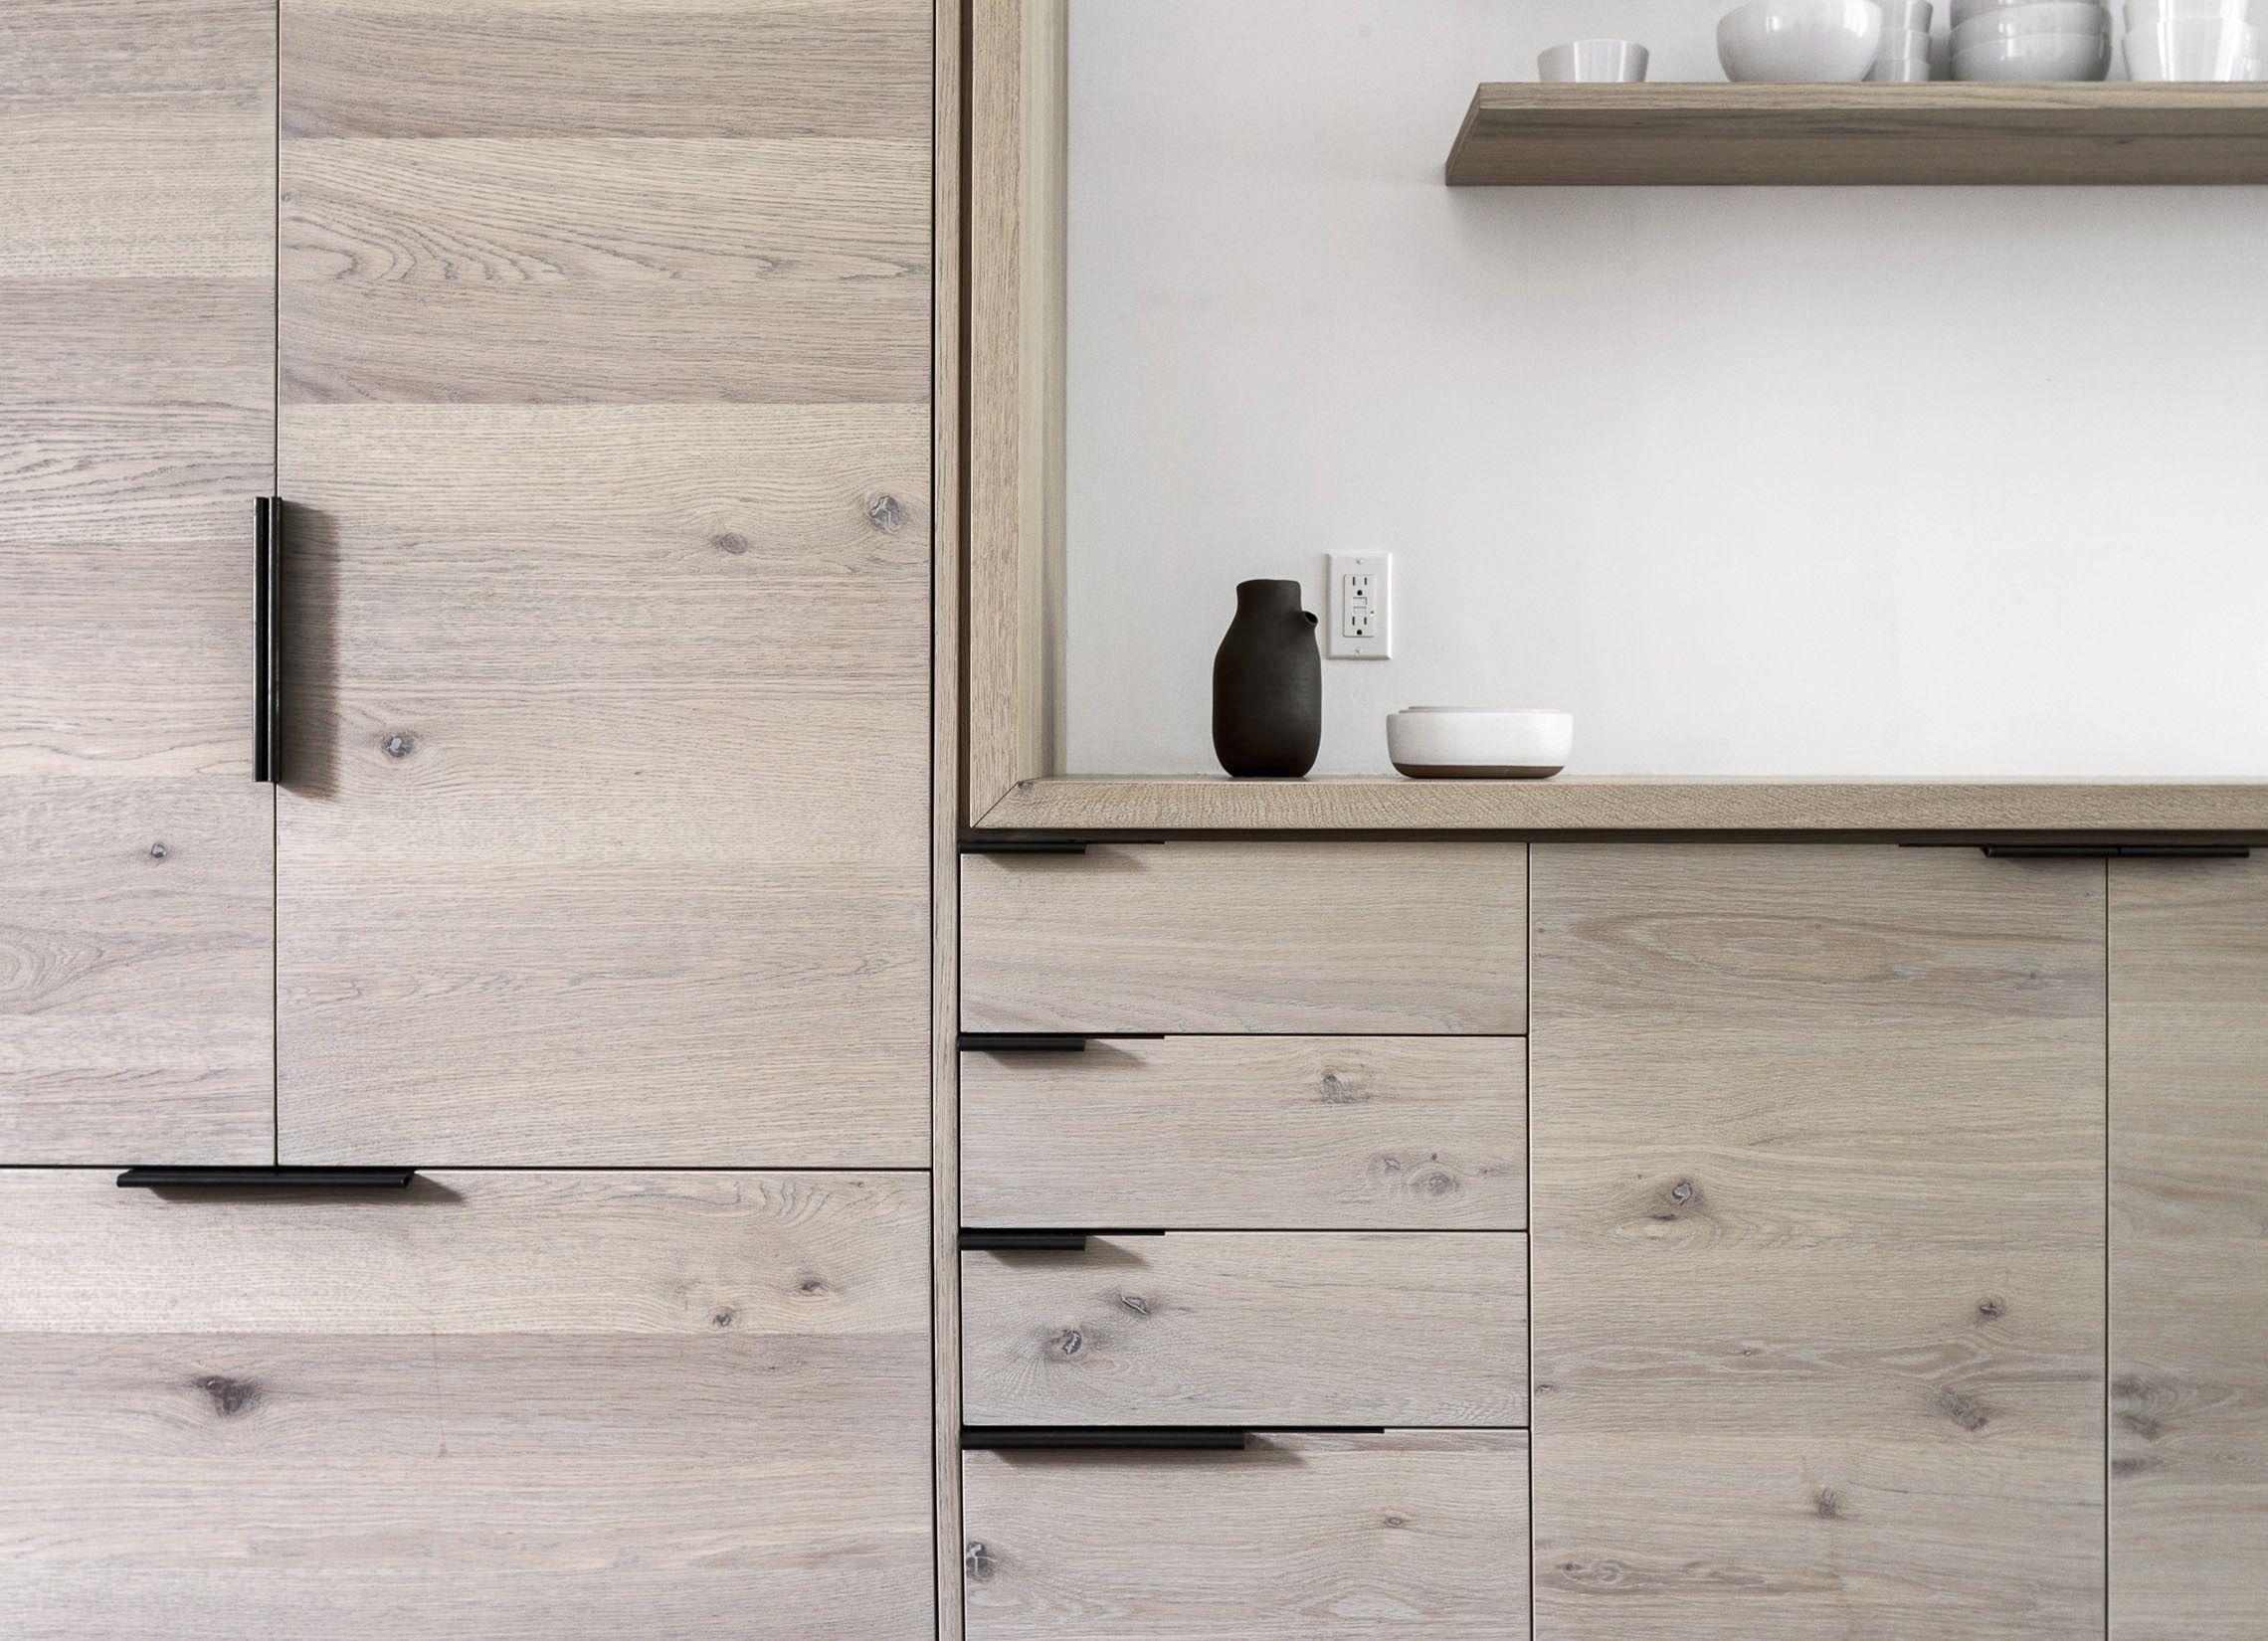 Sackett Street Workstead Kitchen Cabinet Hardware Best Kitchen Cabinets Kitchen Handles